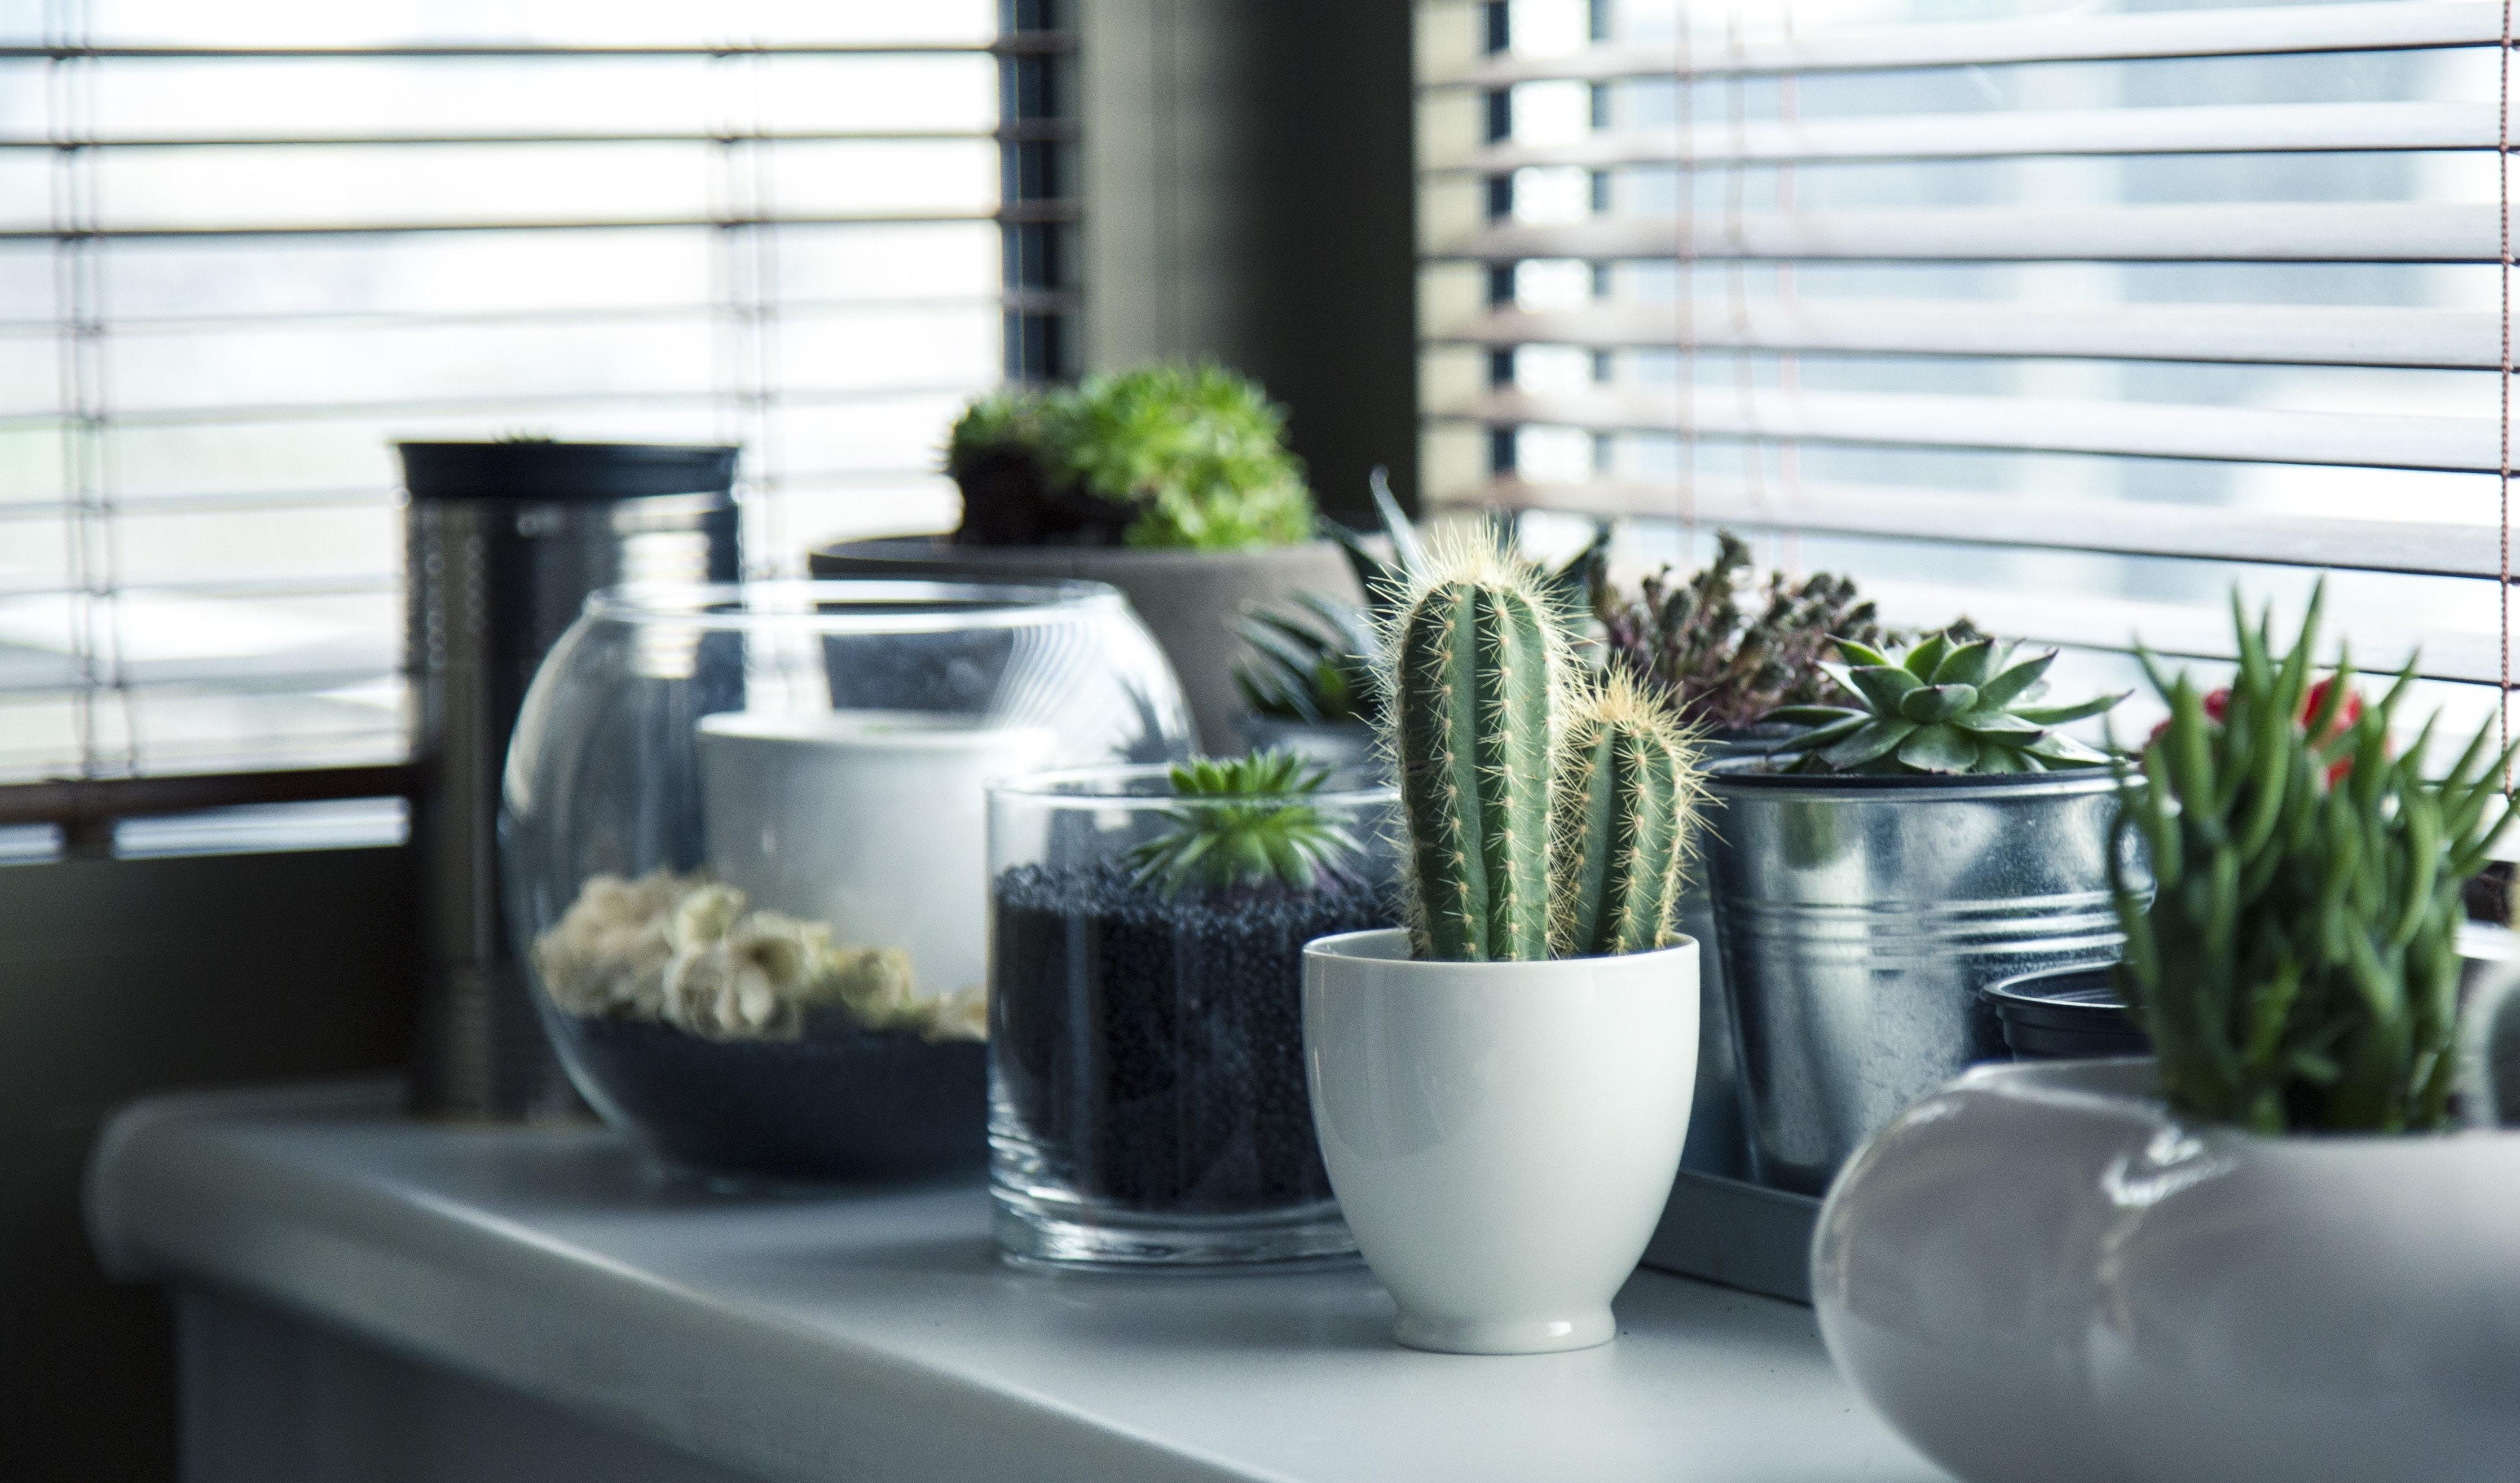 How To Make Your Own Indoor Succulent Garden Rachel Cho